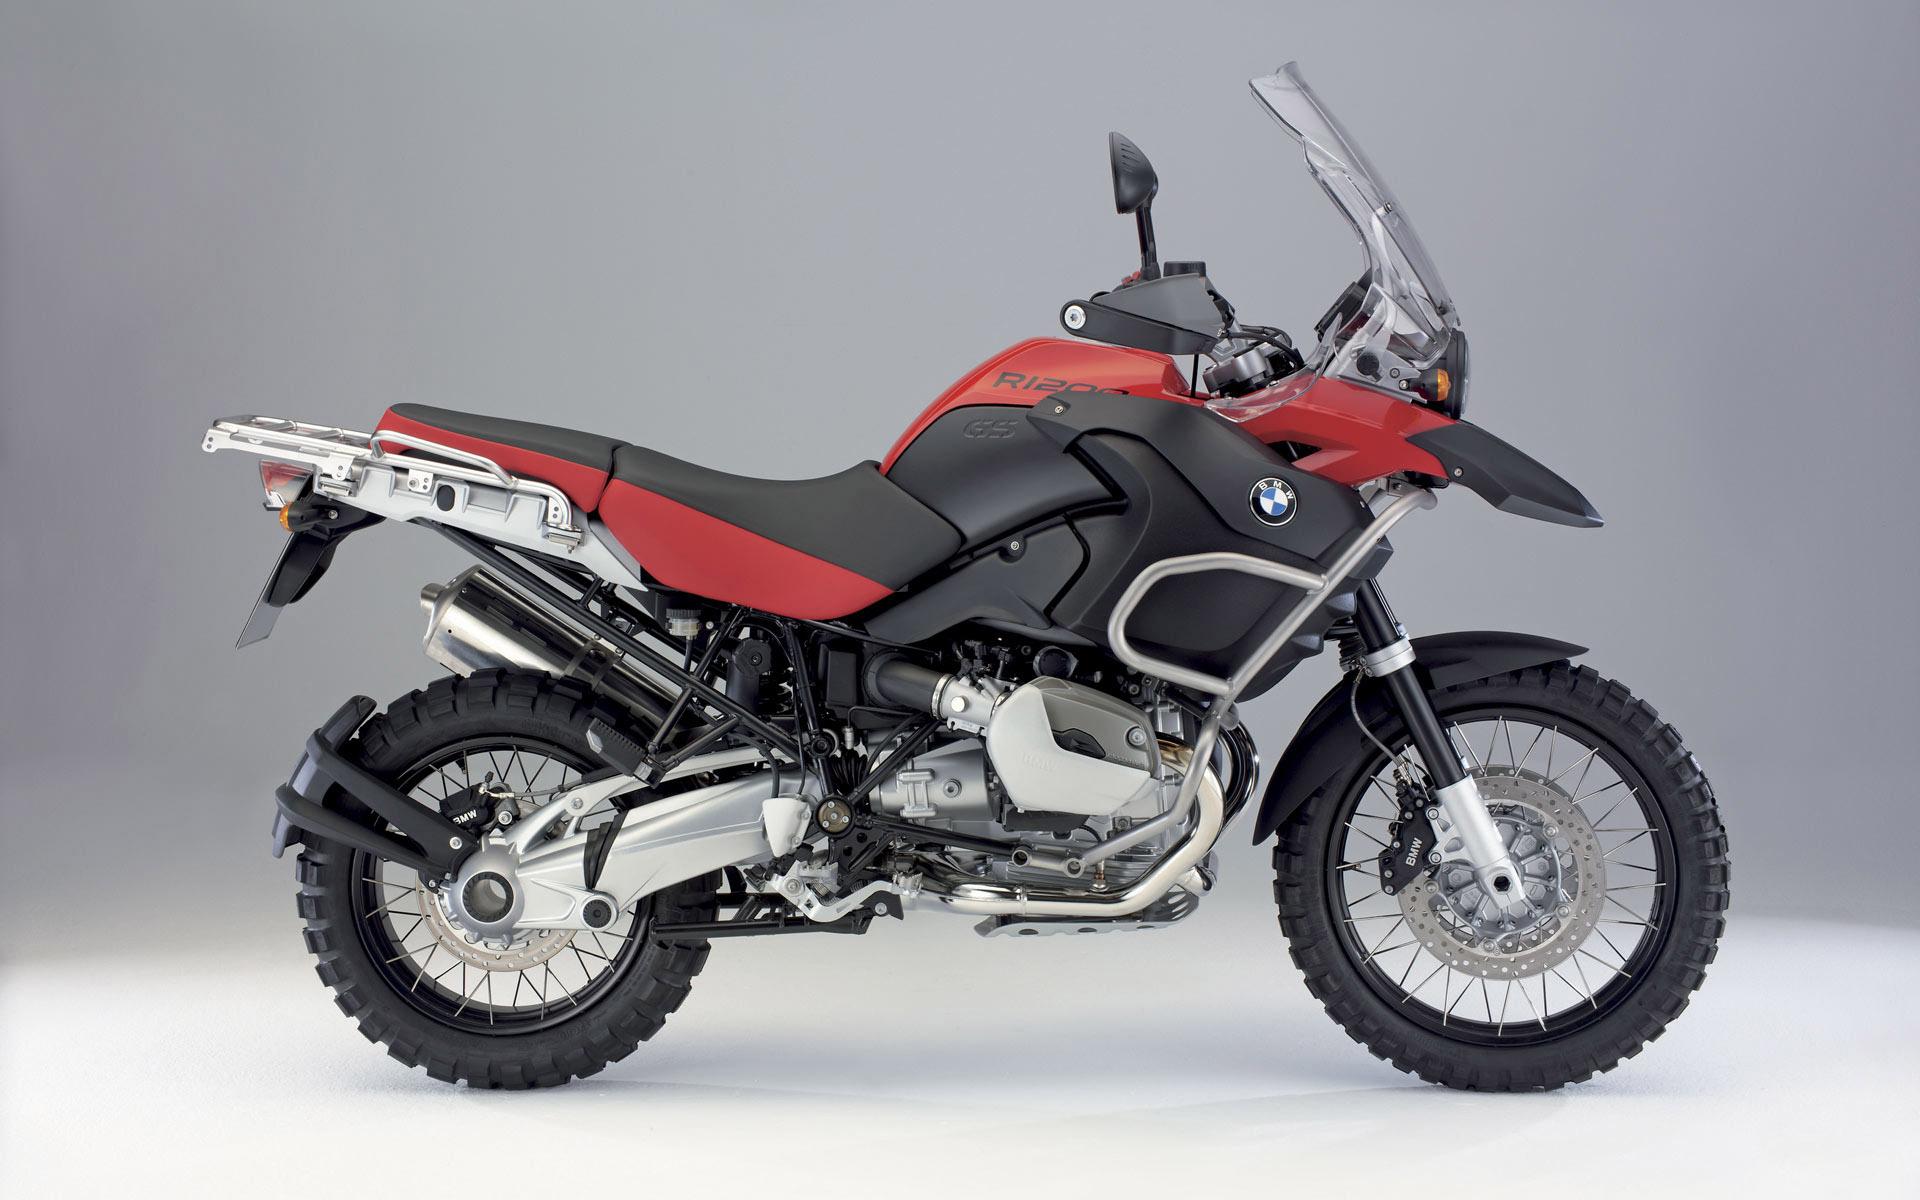 духлесс 2 фото мотоцикл #1